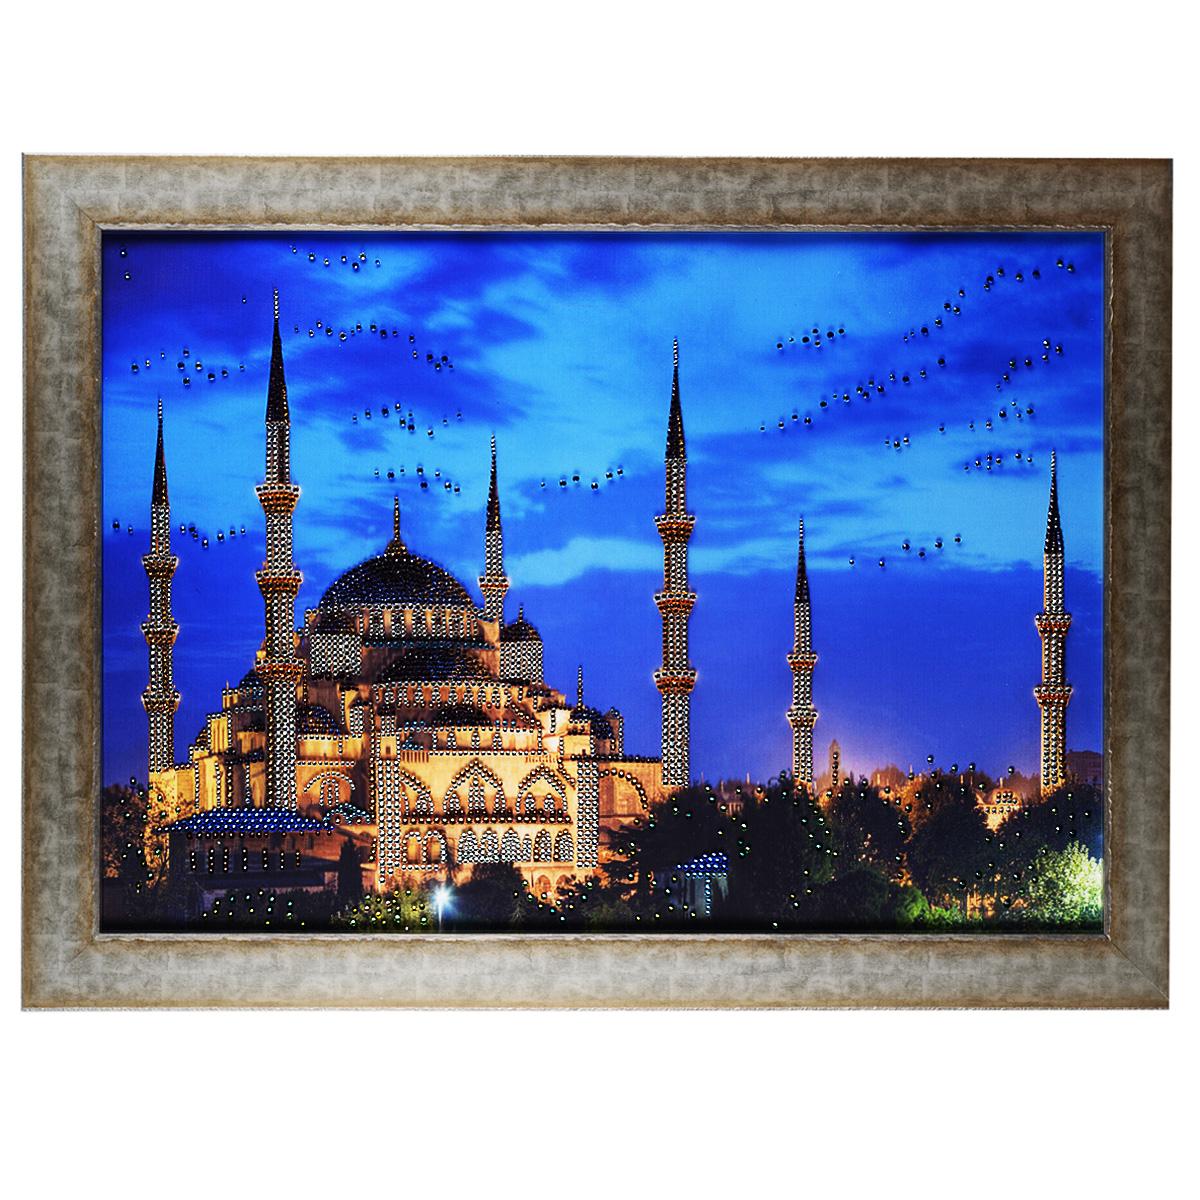 Картина с кристаллами Swarovski Большая мечеть, 80 х 60 см1059Изящная картина в багетной раме, инкрустирована кристаллами Swarovski, которые отличаются четкой и ровной огранкой, ярким блеском и чистотой цвета. Красочное изображение мечети, расположенное на внутренней стороне стекла, прекрасно дополняет блеск кристаллов. С обратной стороны имеется металлическая проволока для размещения картины на стене. Картина с кристаллами Swarovski Большая мечеть элегантно украсит интерьер дома или офиса, а также станет прекрасным подарком, который обязательно понравится получателю. Блеск кристаллов в интерьере, что может быть сказочнее и удивительнее. Картина упакована в подарочную картонную коробку синего цвета и комплектуется сертификатом соответствия Swarovski.